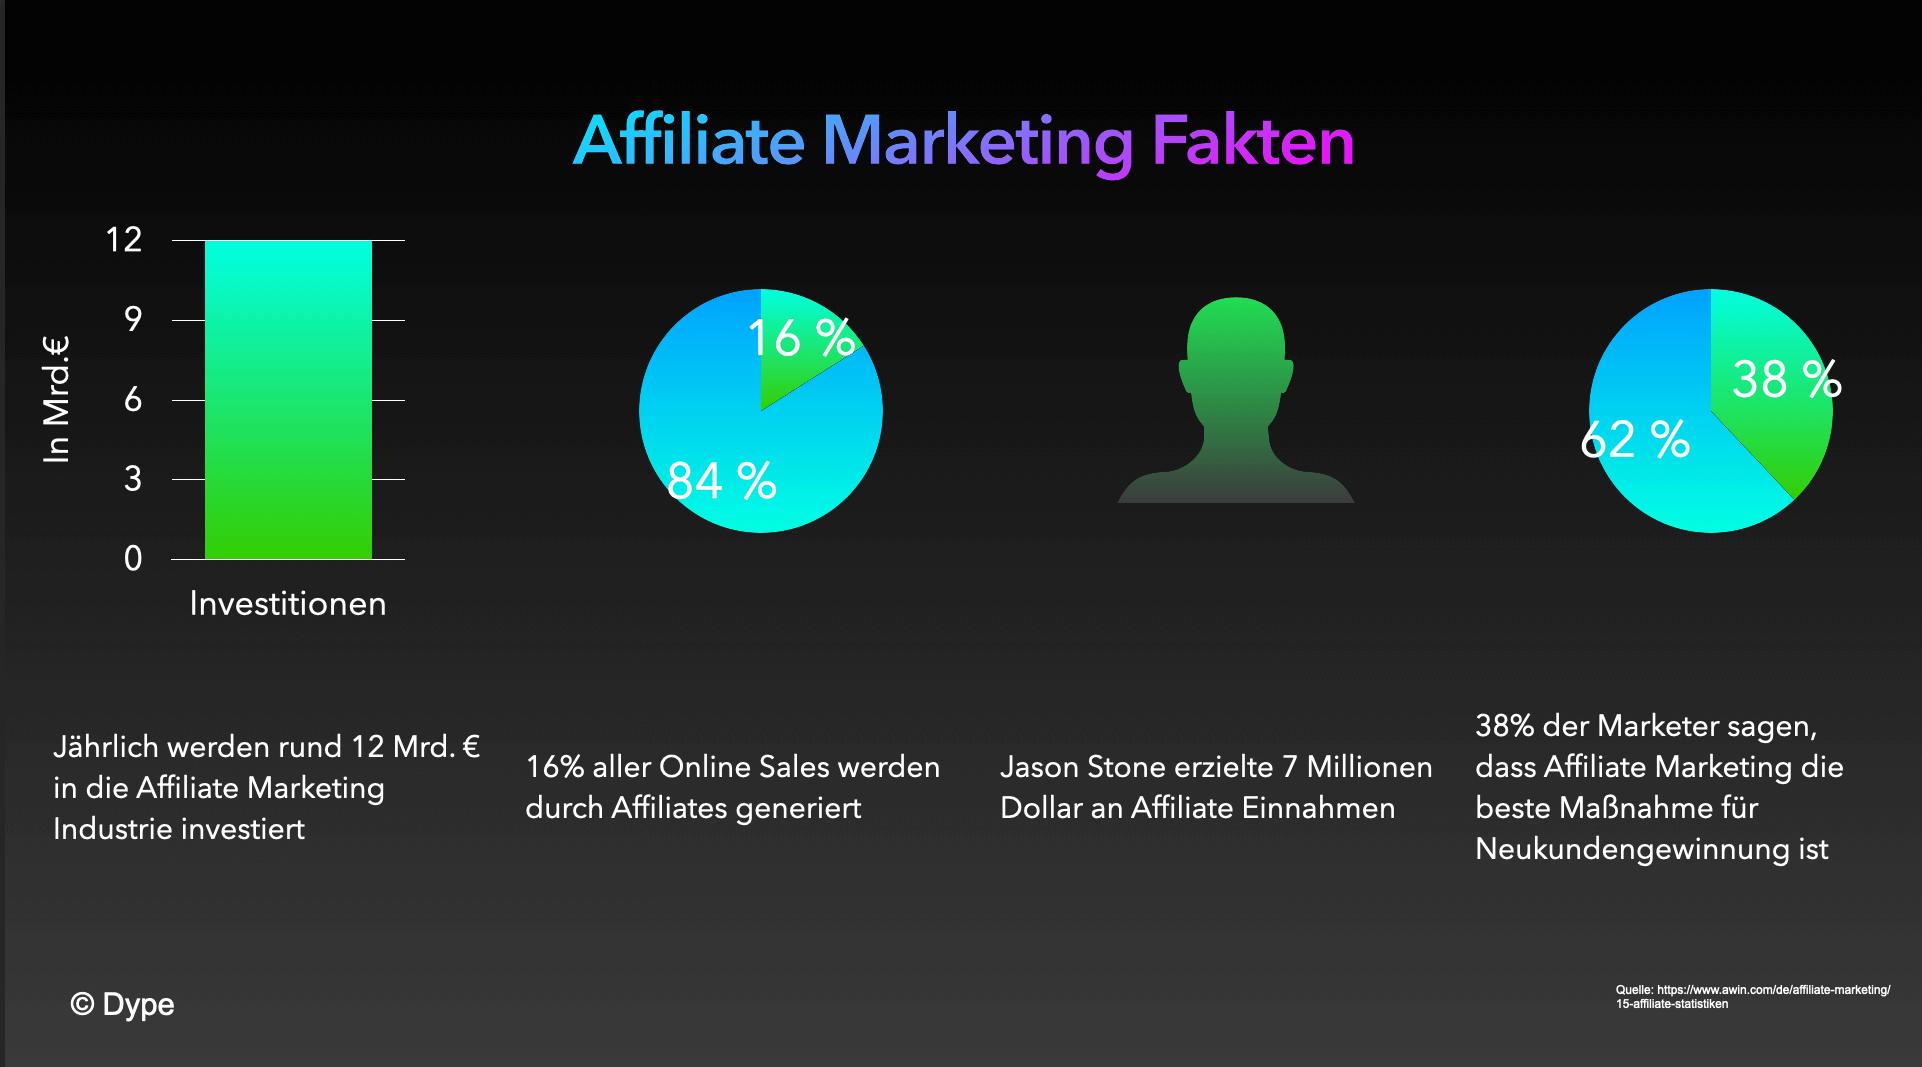 Affiliate Marketing Fakten